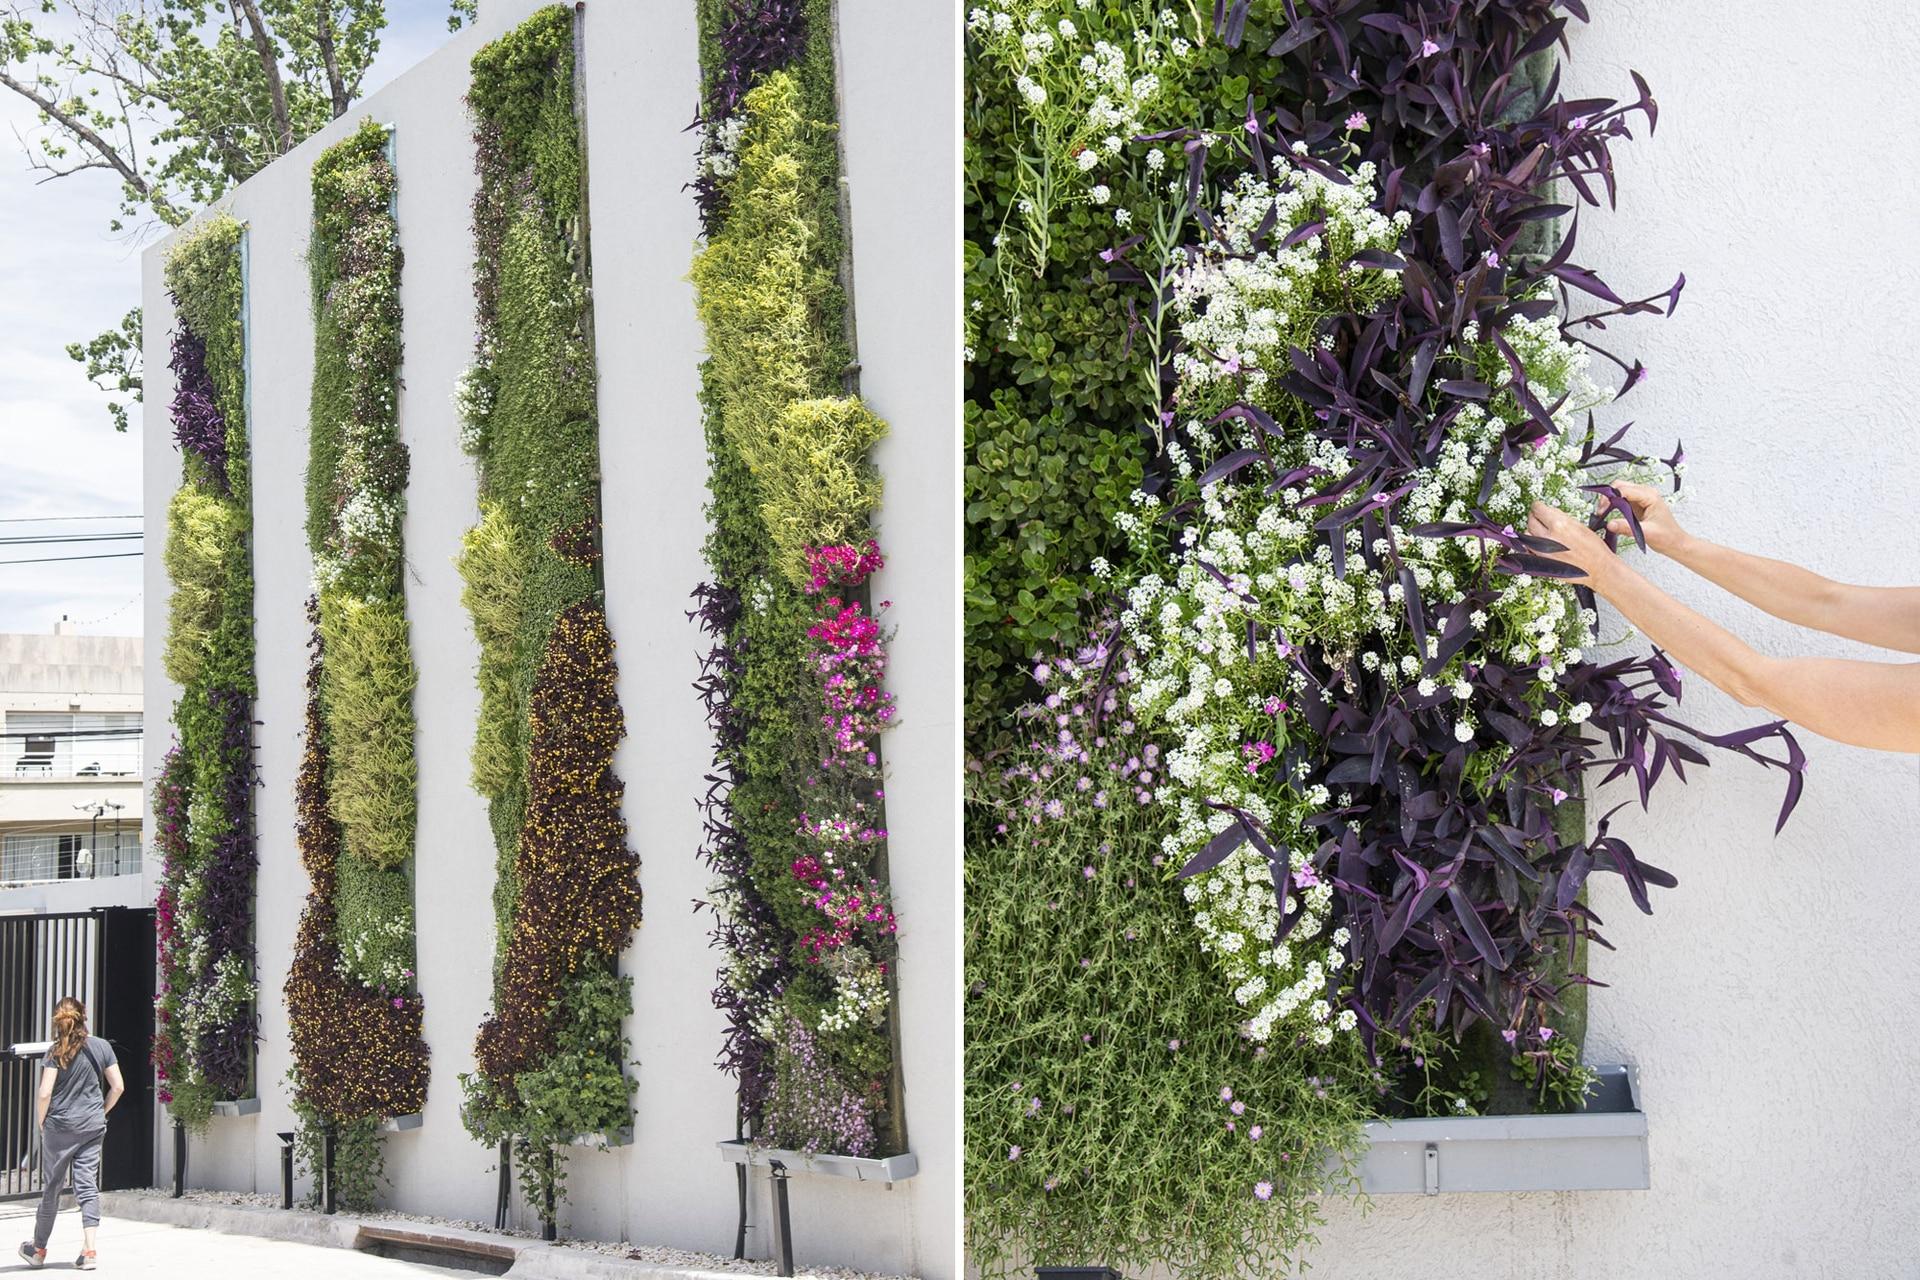 Tiras de cinco metros de altura con plantas cubren una medianera vehicular.